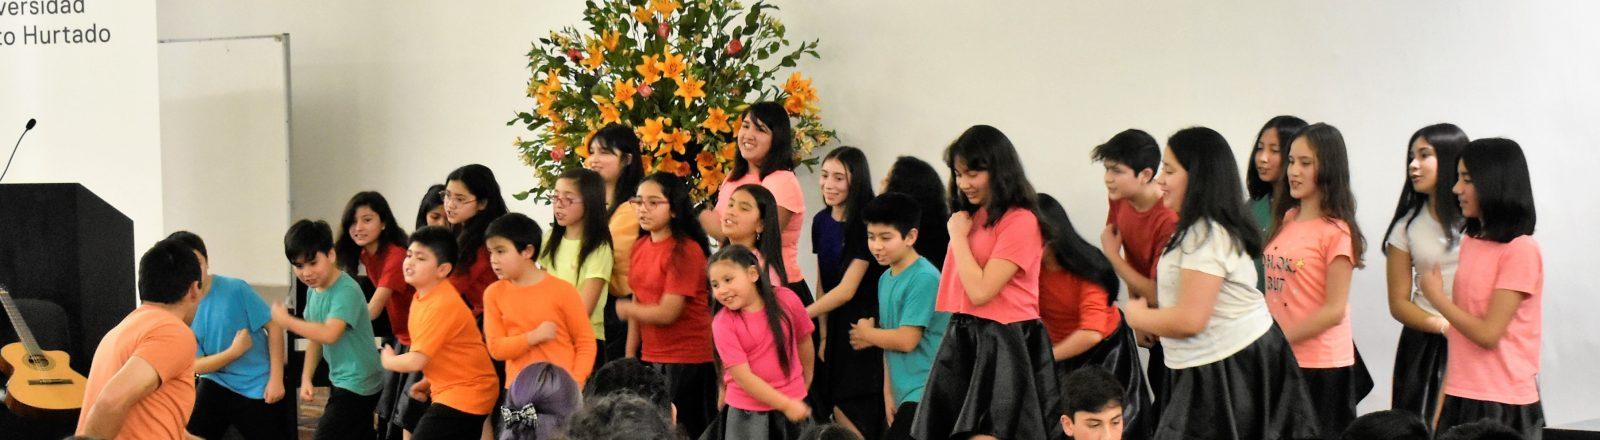 Jóvenes cantores participan de exitoso Encuentro Coral 2019 realizado en Universidad Alberto Hurtado (UAH)